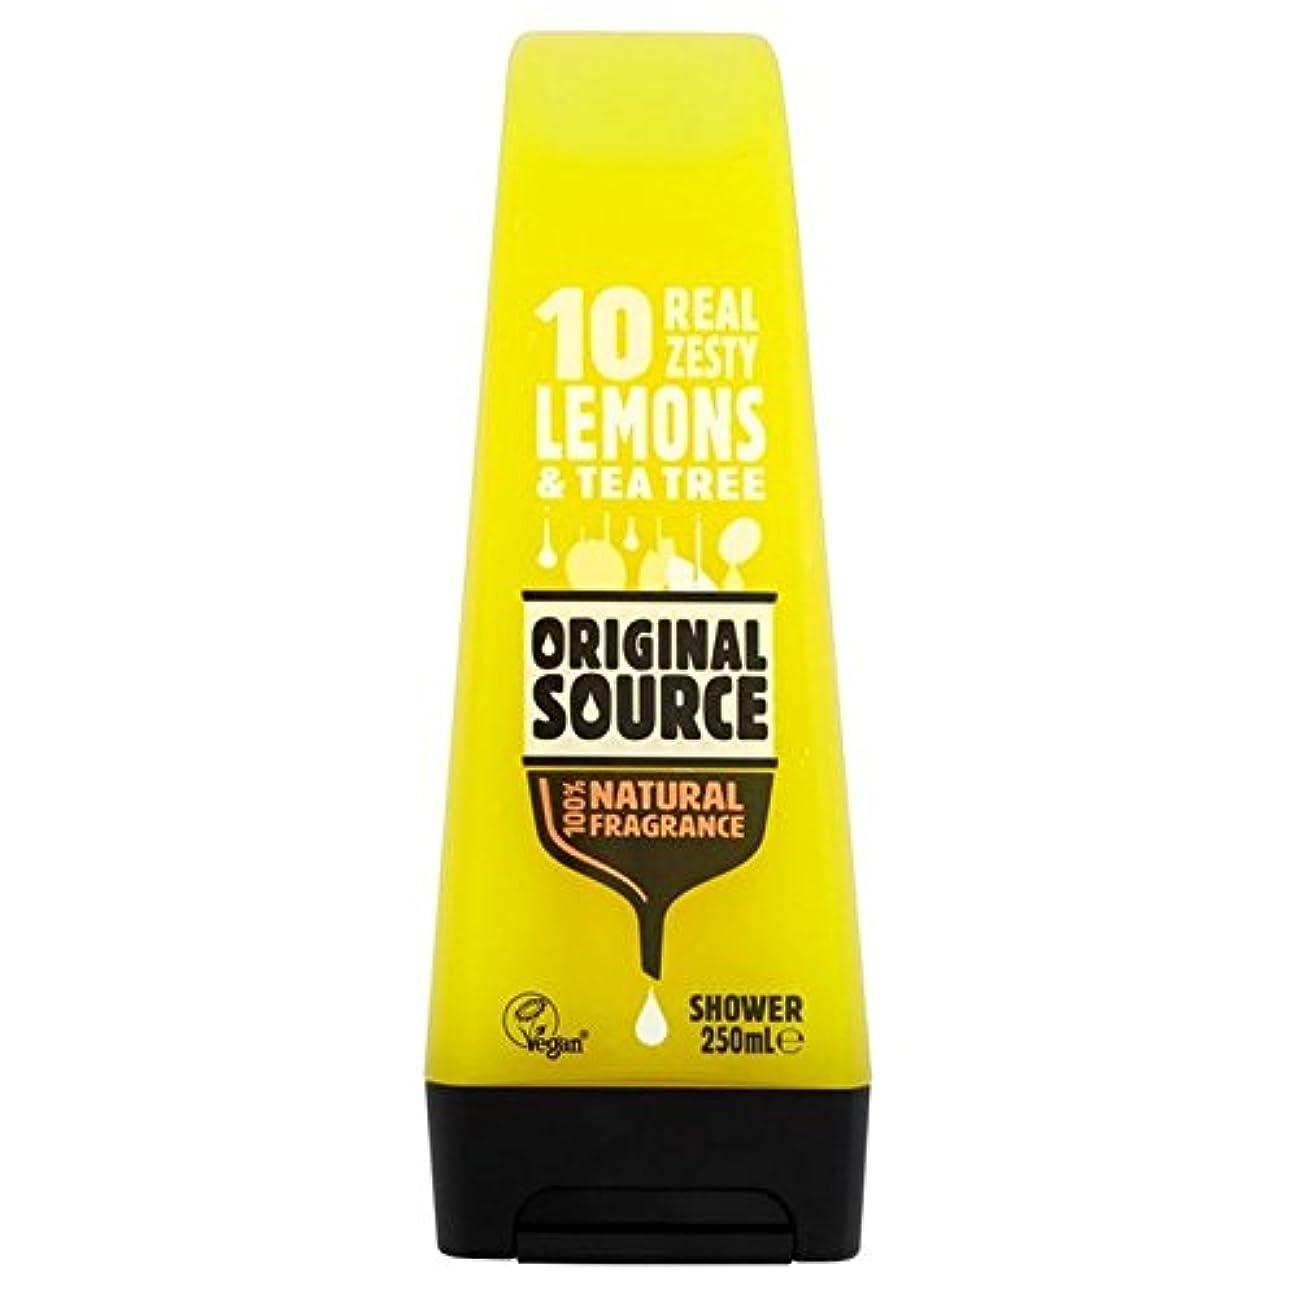 排出乗って見つけた元のソースのレモンシャワージェル250ミリリットル x2 - Original Source Lemon Shower Gel 250ml (Pack of 2) [並行輸入品]